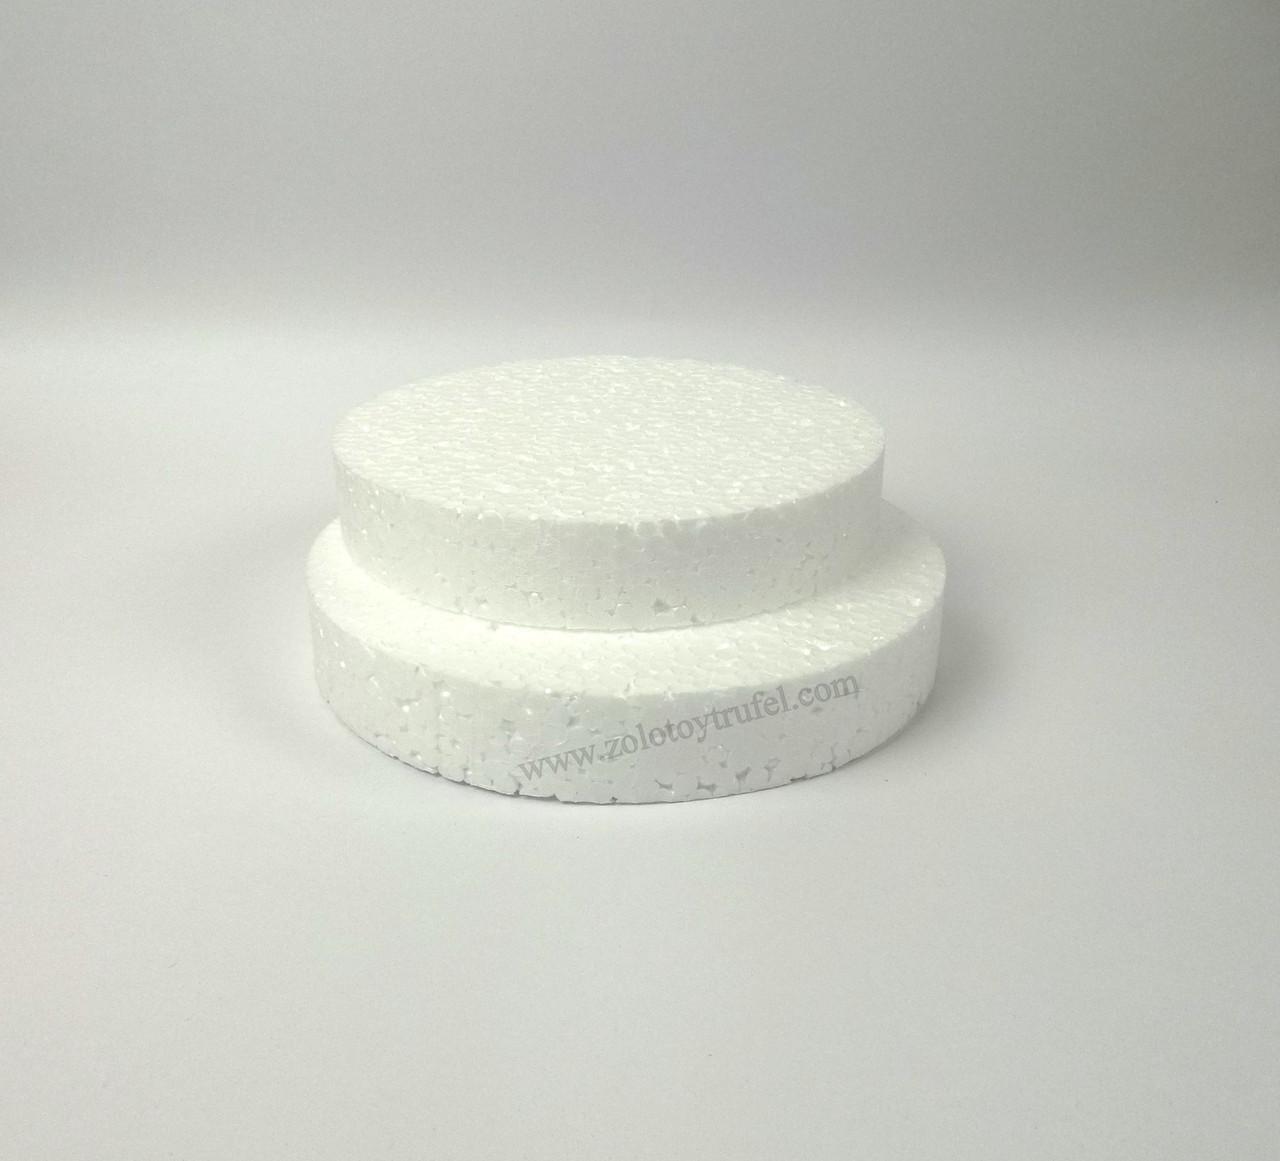 Прослойка пенопластовая для торта d 21 см h 3 см